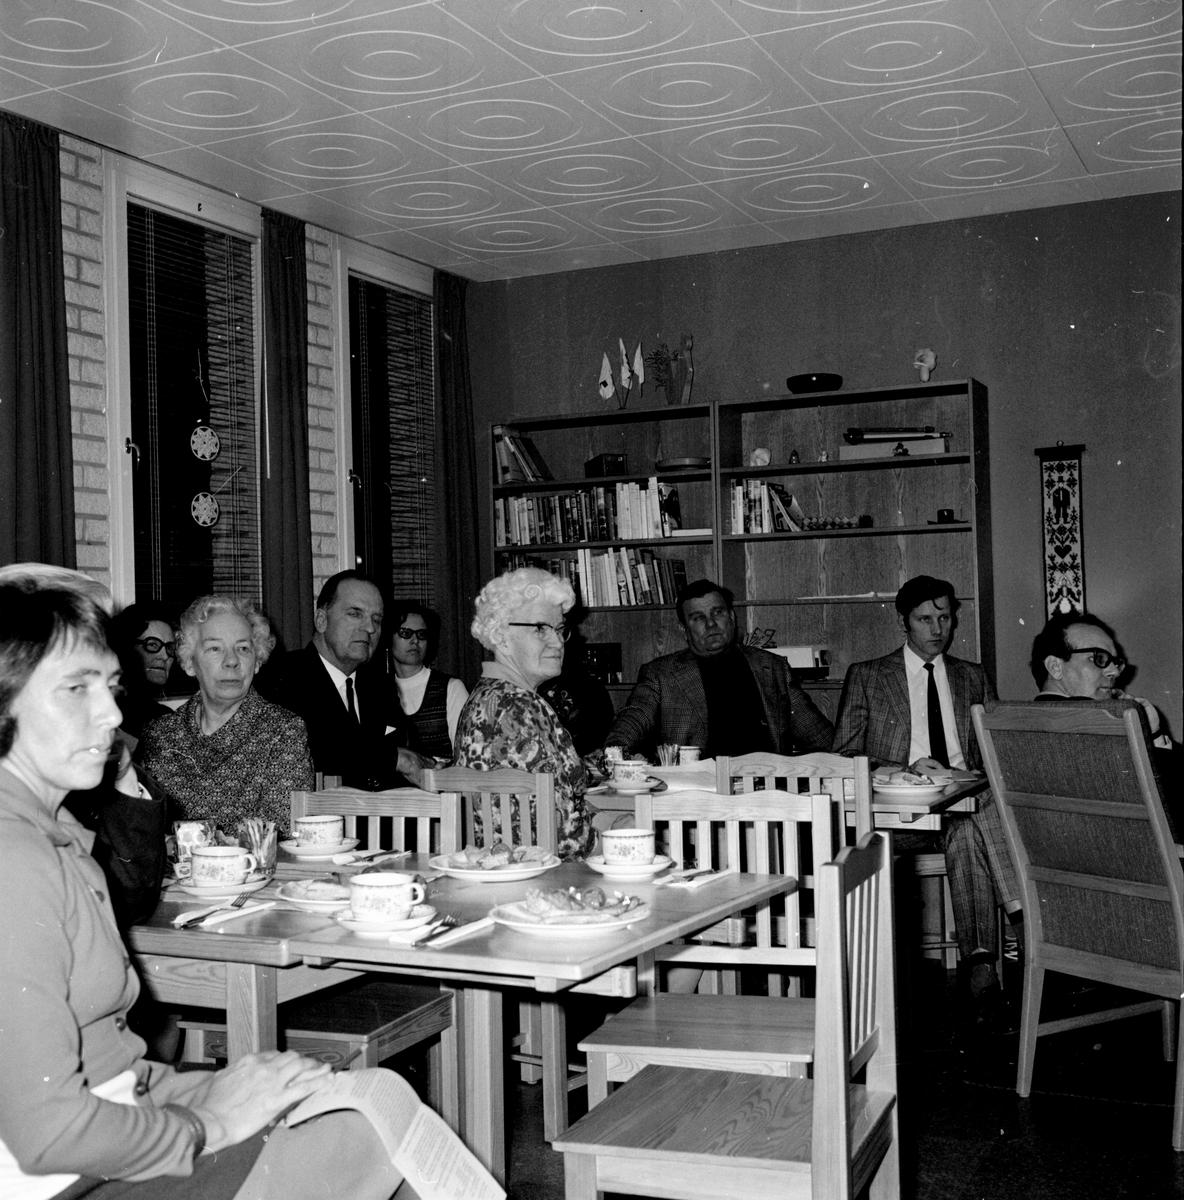 FP-årsmöte, på RK-lokalen, Febr 1972